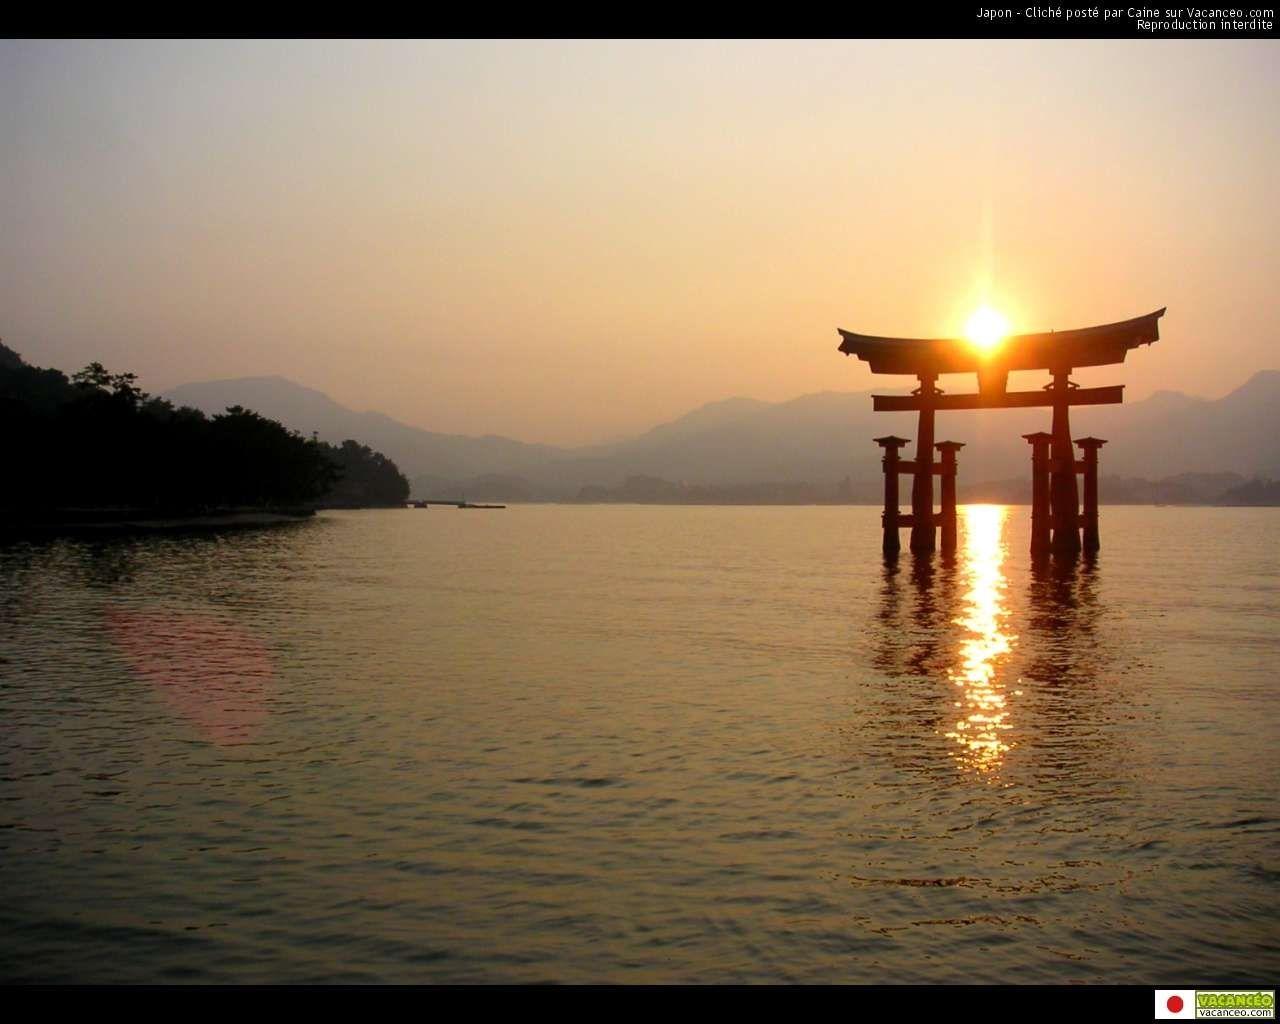 Scenery wallpaper fond ecran gratuit paysage japon for Fonds ecran paysages superbes